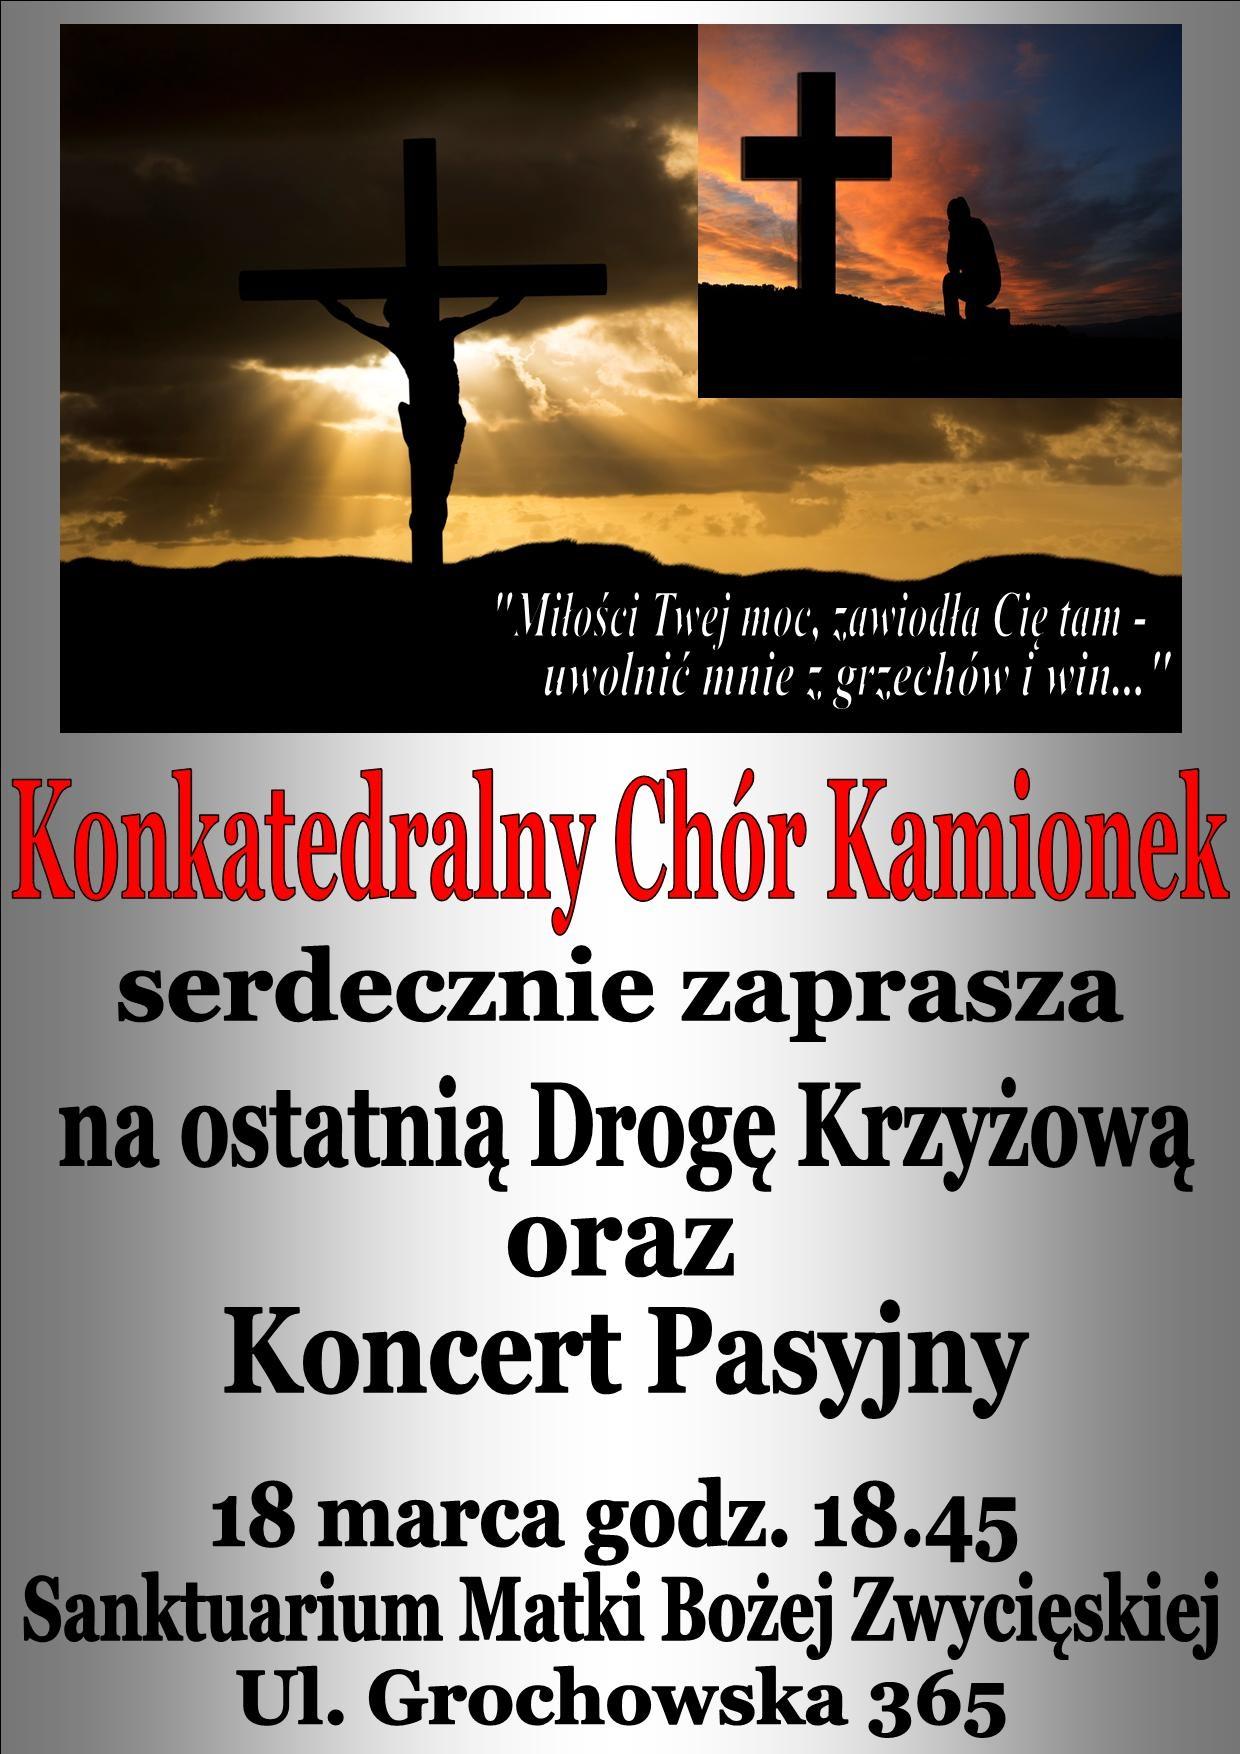 Chór Konkatedralny Kamionek zaprasza w piątek 18 marca o godzinie 18:45 na ostatnią w czasie tego Wielkiego Postu Drogą Krzyżową i na Koncert Pasyjny, które odbędą się w Sanktuarium Matki Bożej Zwycięskiej przy ul. Grochowskiej 365.